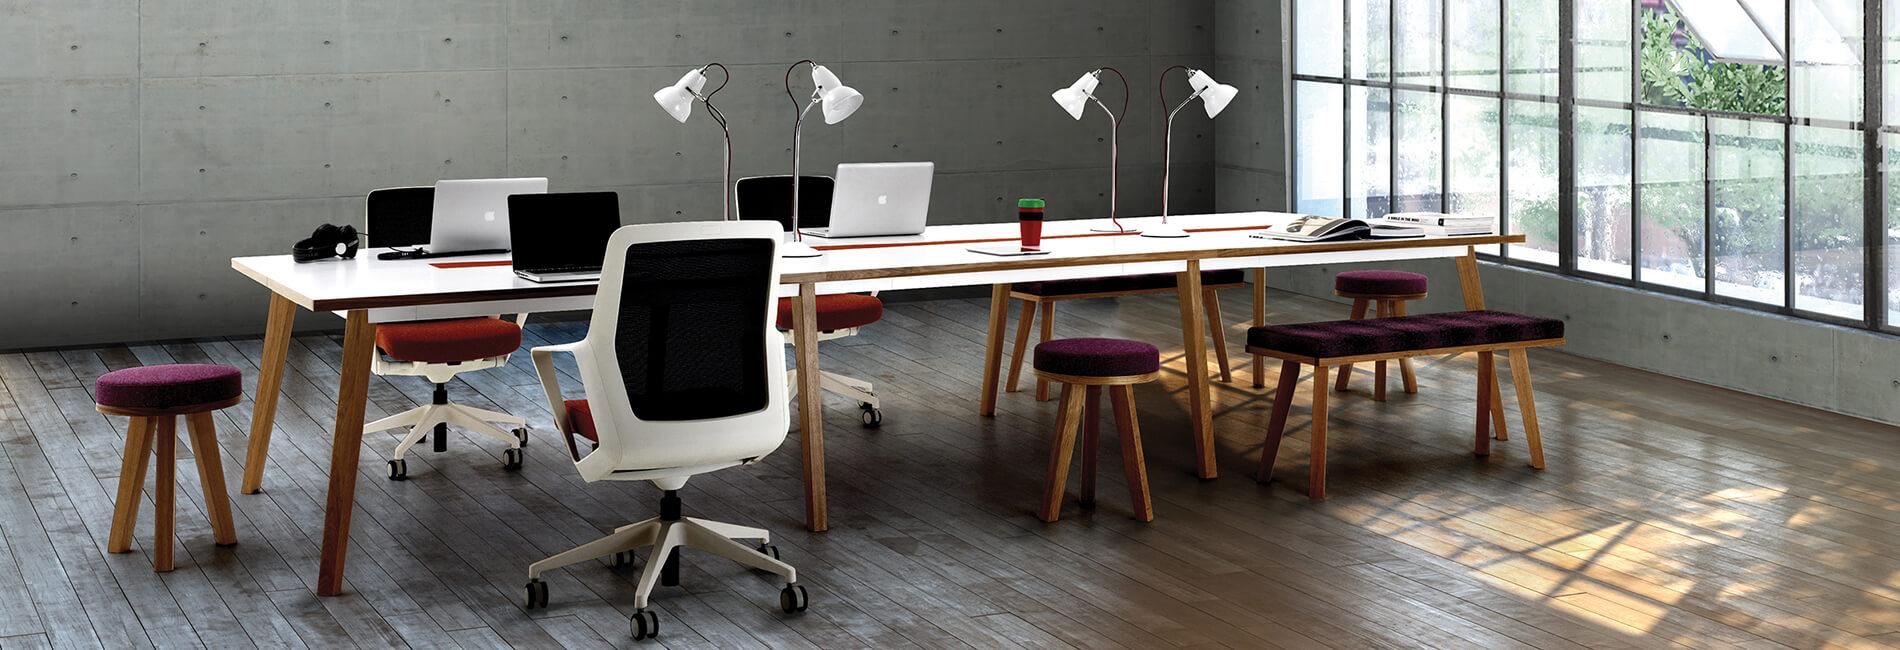 طراحی مبلمان اداری اتاق مدیریت